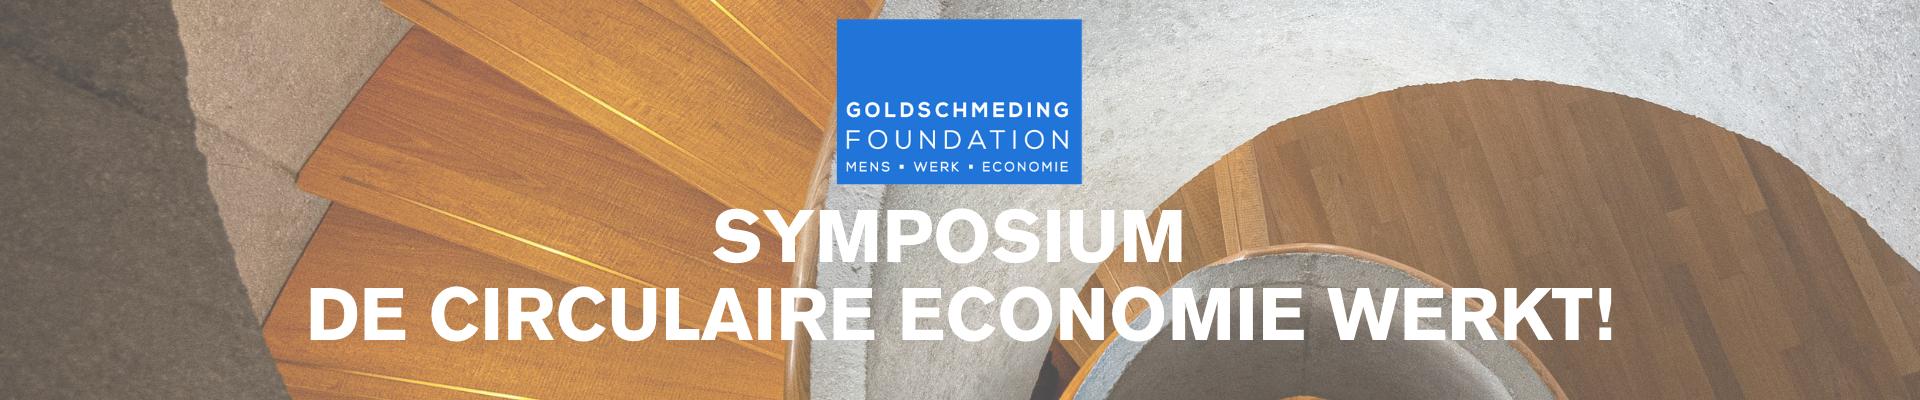 Online Symposium 'De Circulaire Economie Werkt!'